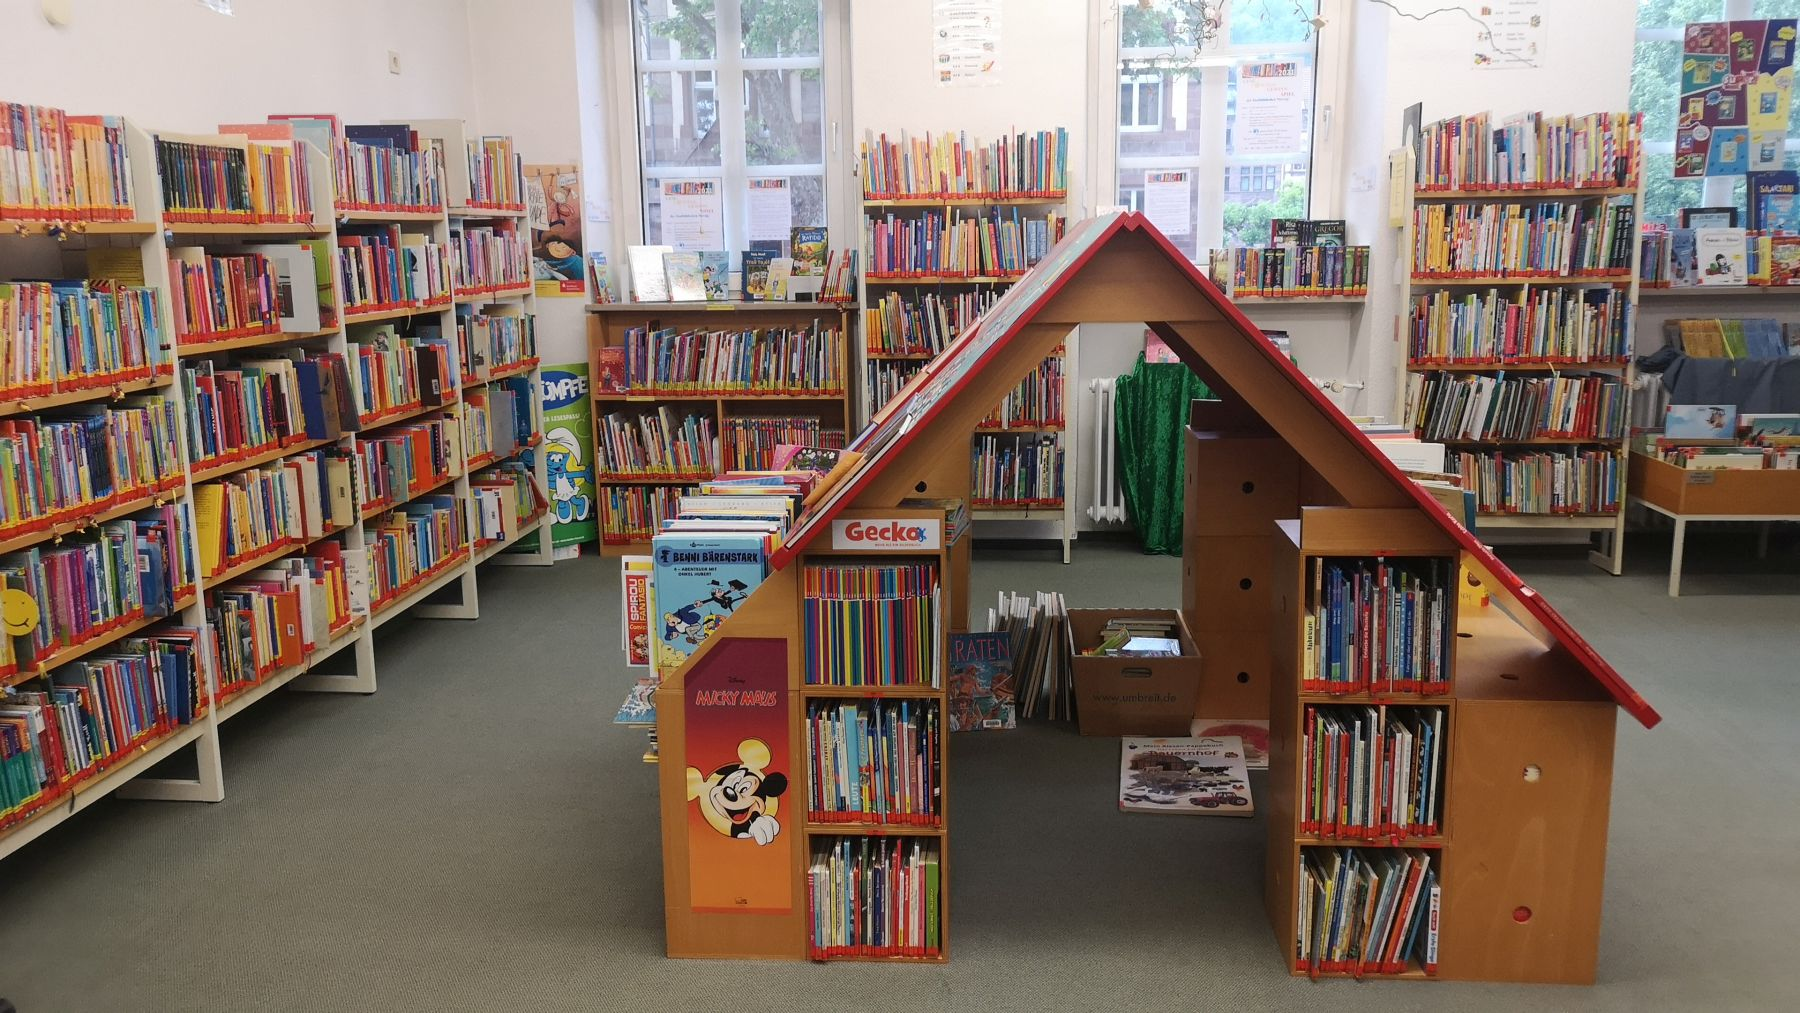 Das Foto zeigt die Kinderbuch-Ecke in der Stadtbibliothek.